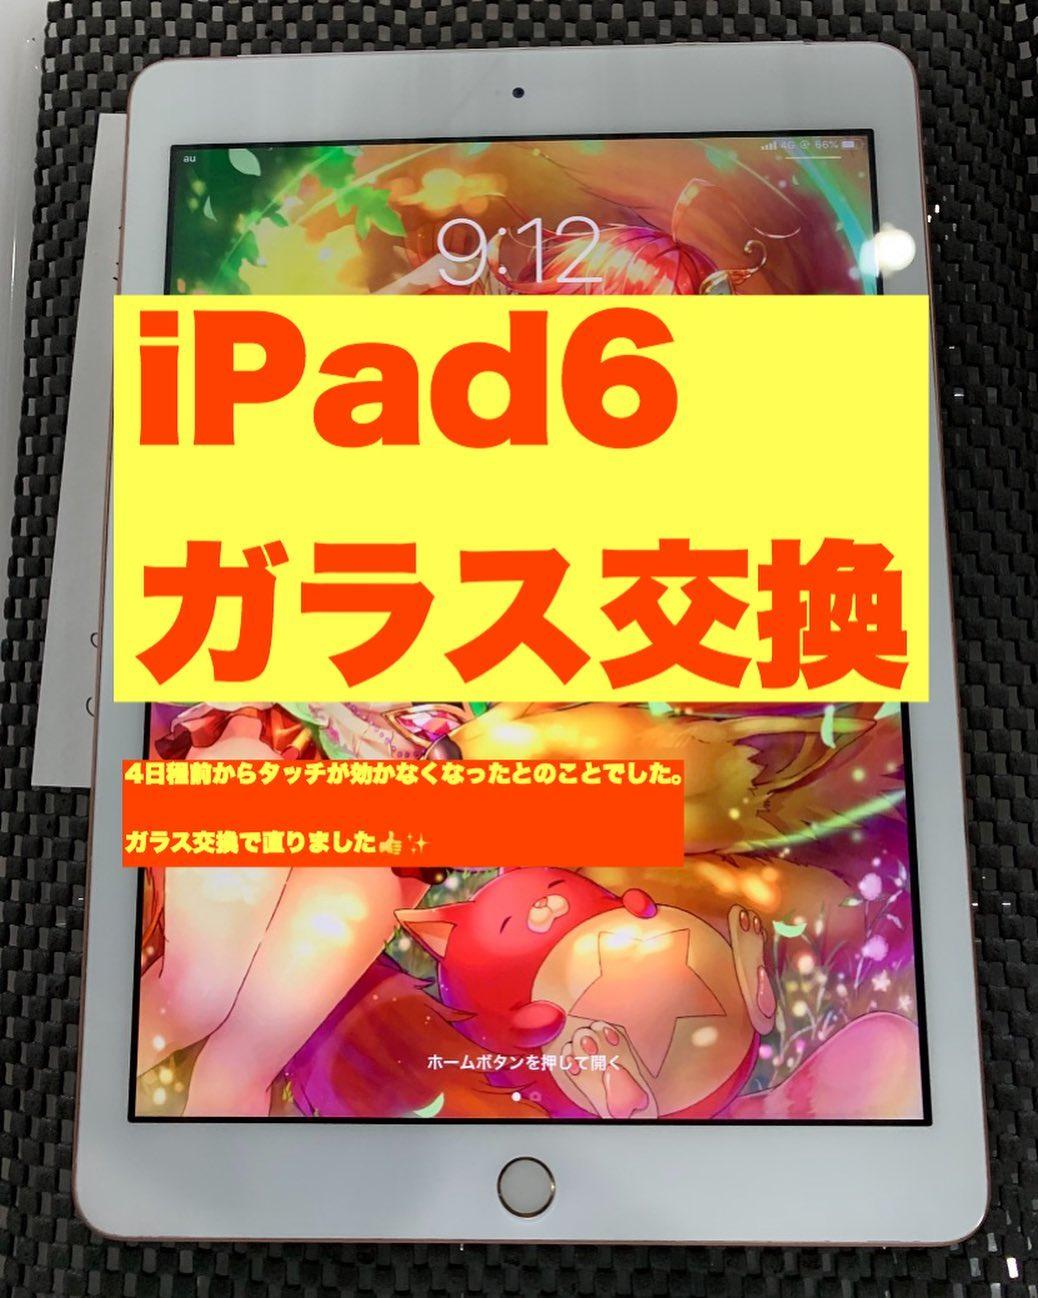 アイパッド修理 iPad修理 江南市 アイポッド修理 iPod修理 バッテリー交換